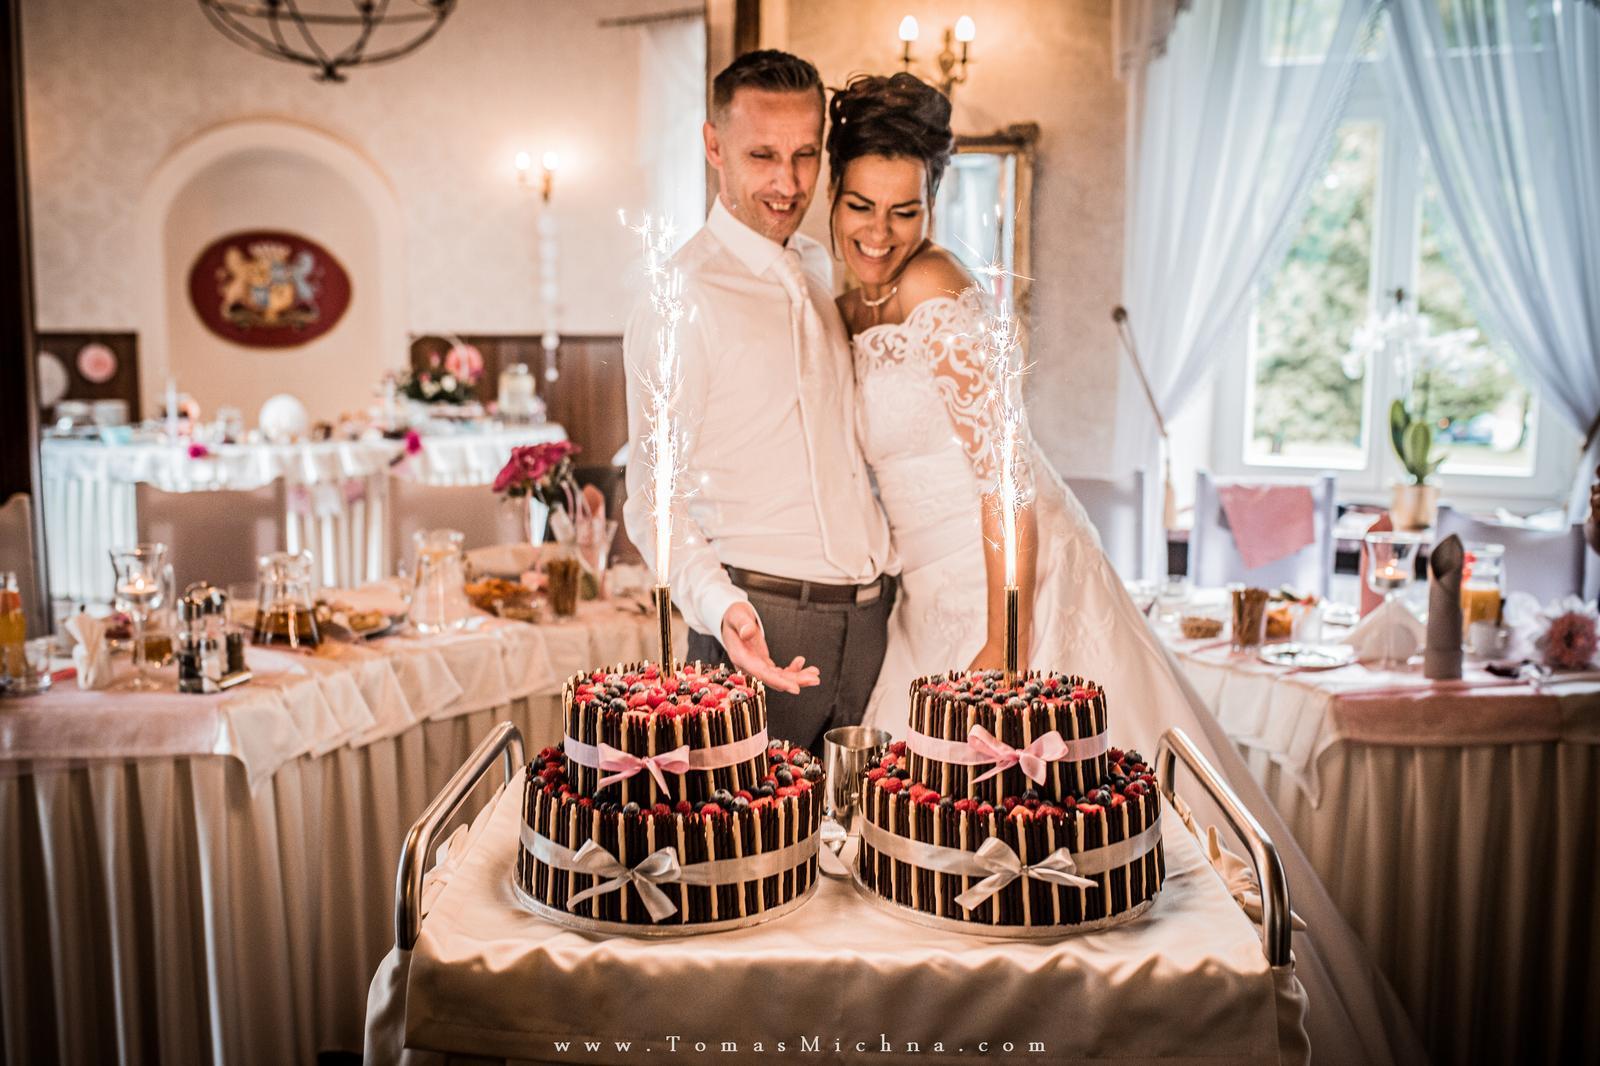 Svatba na zámku Chalupki - Obrázek č. 8